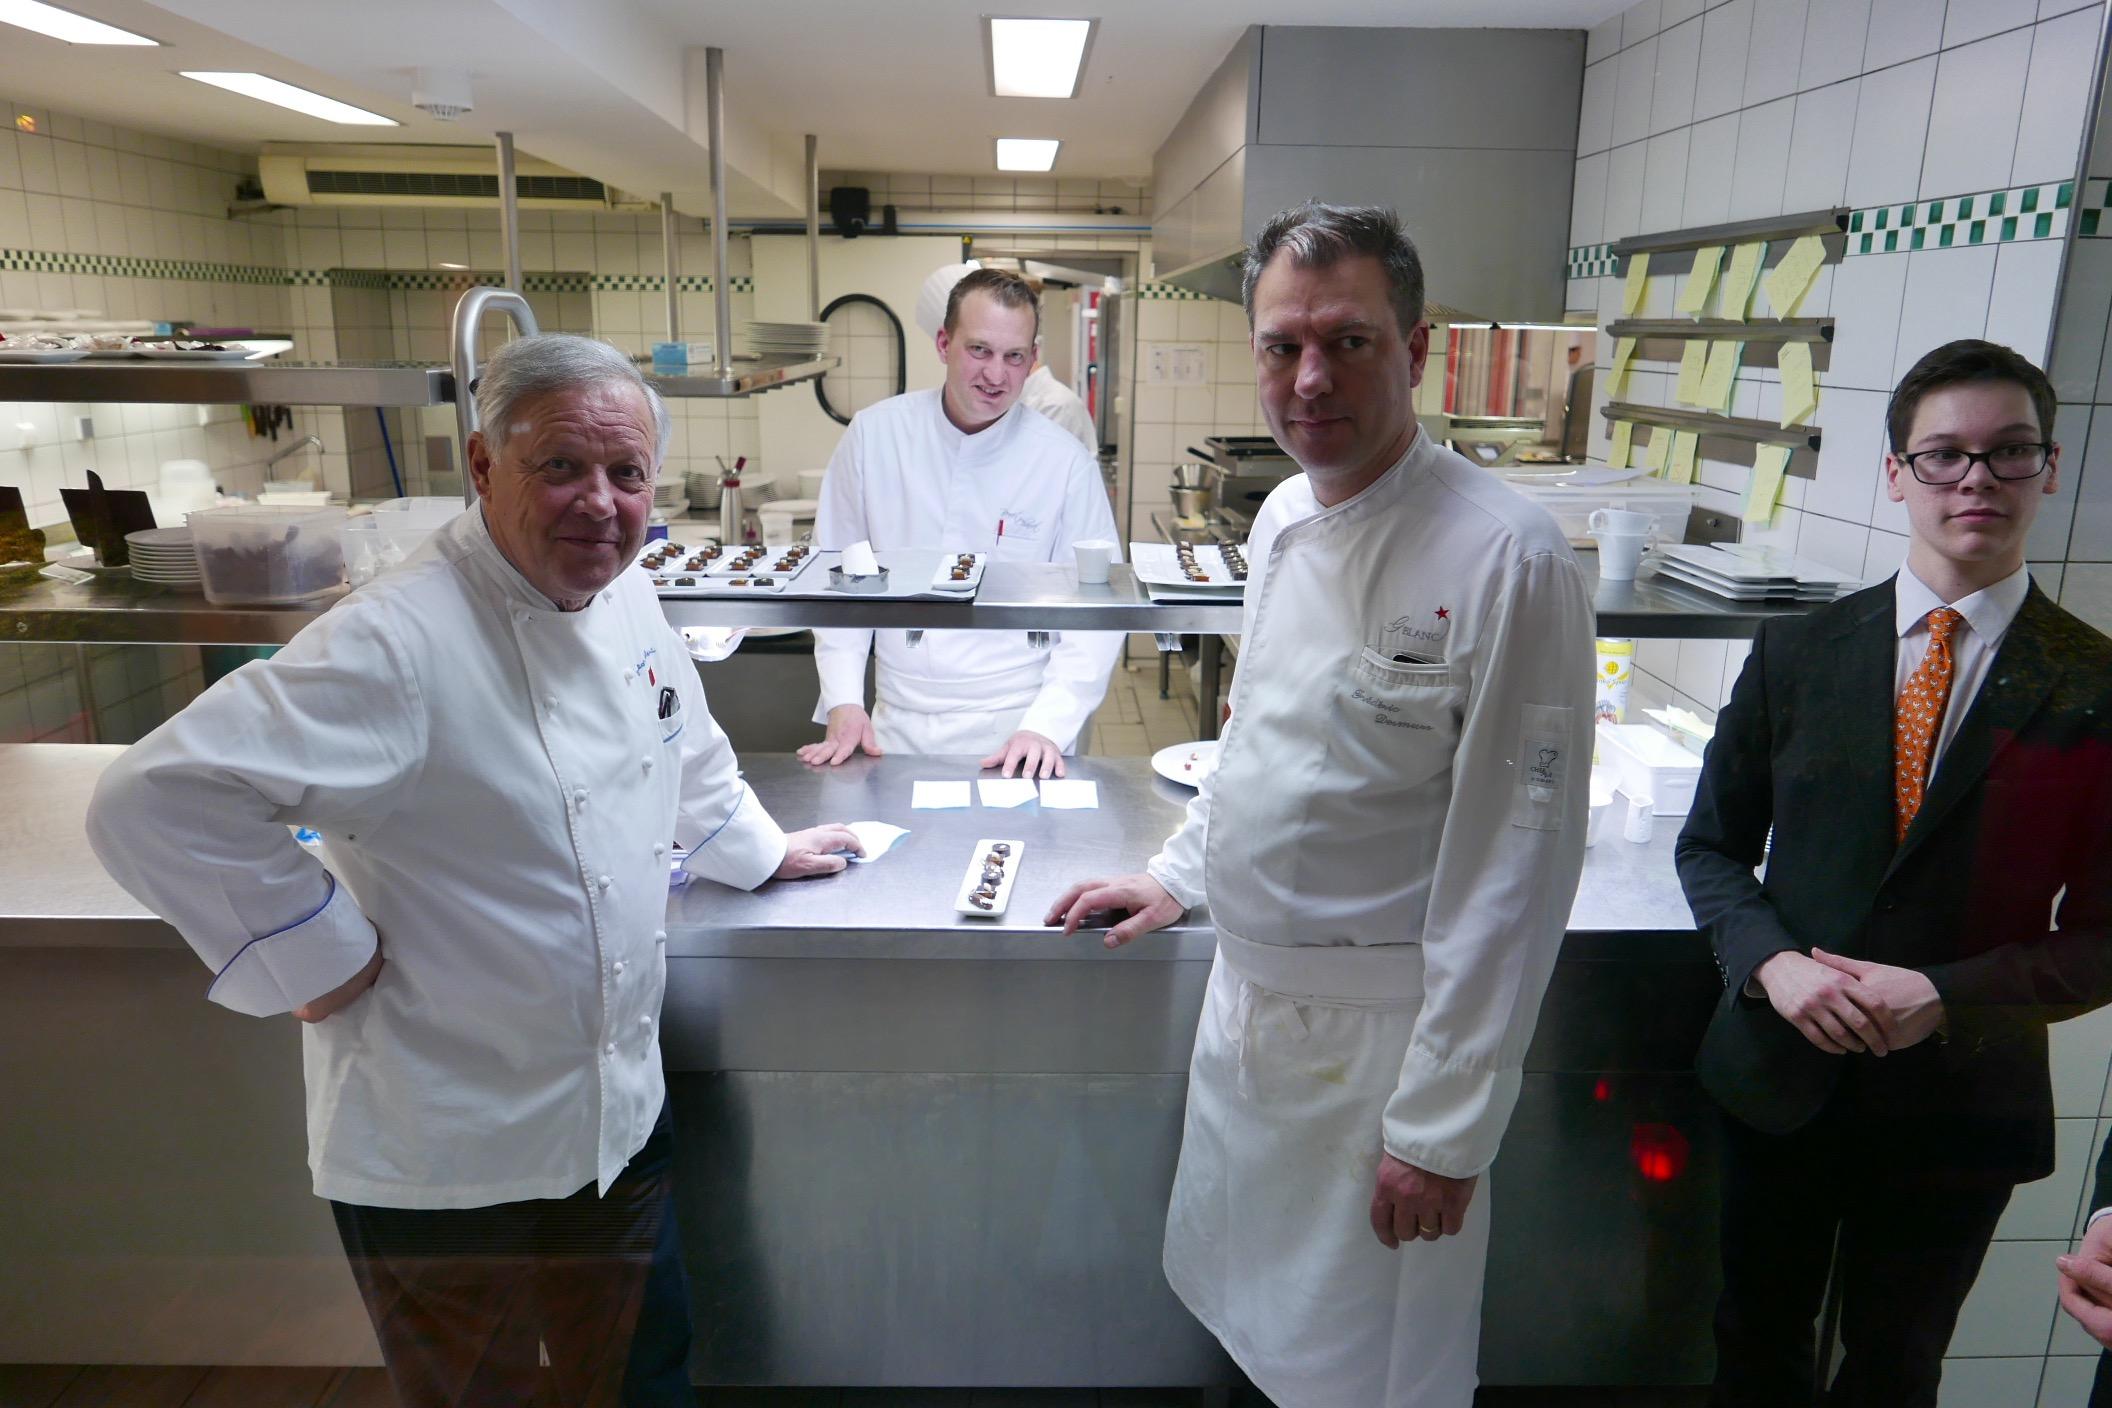 Georges blanc et sa fille lara le blog de gilles pudlowski les pieds dans le plat - Cours de cuisine georges blanc ...